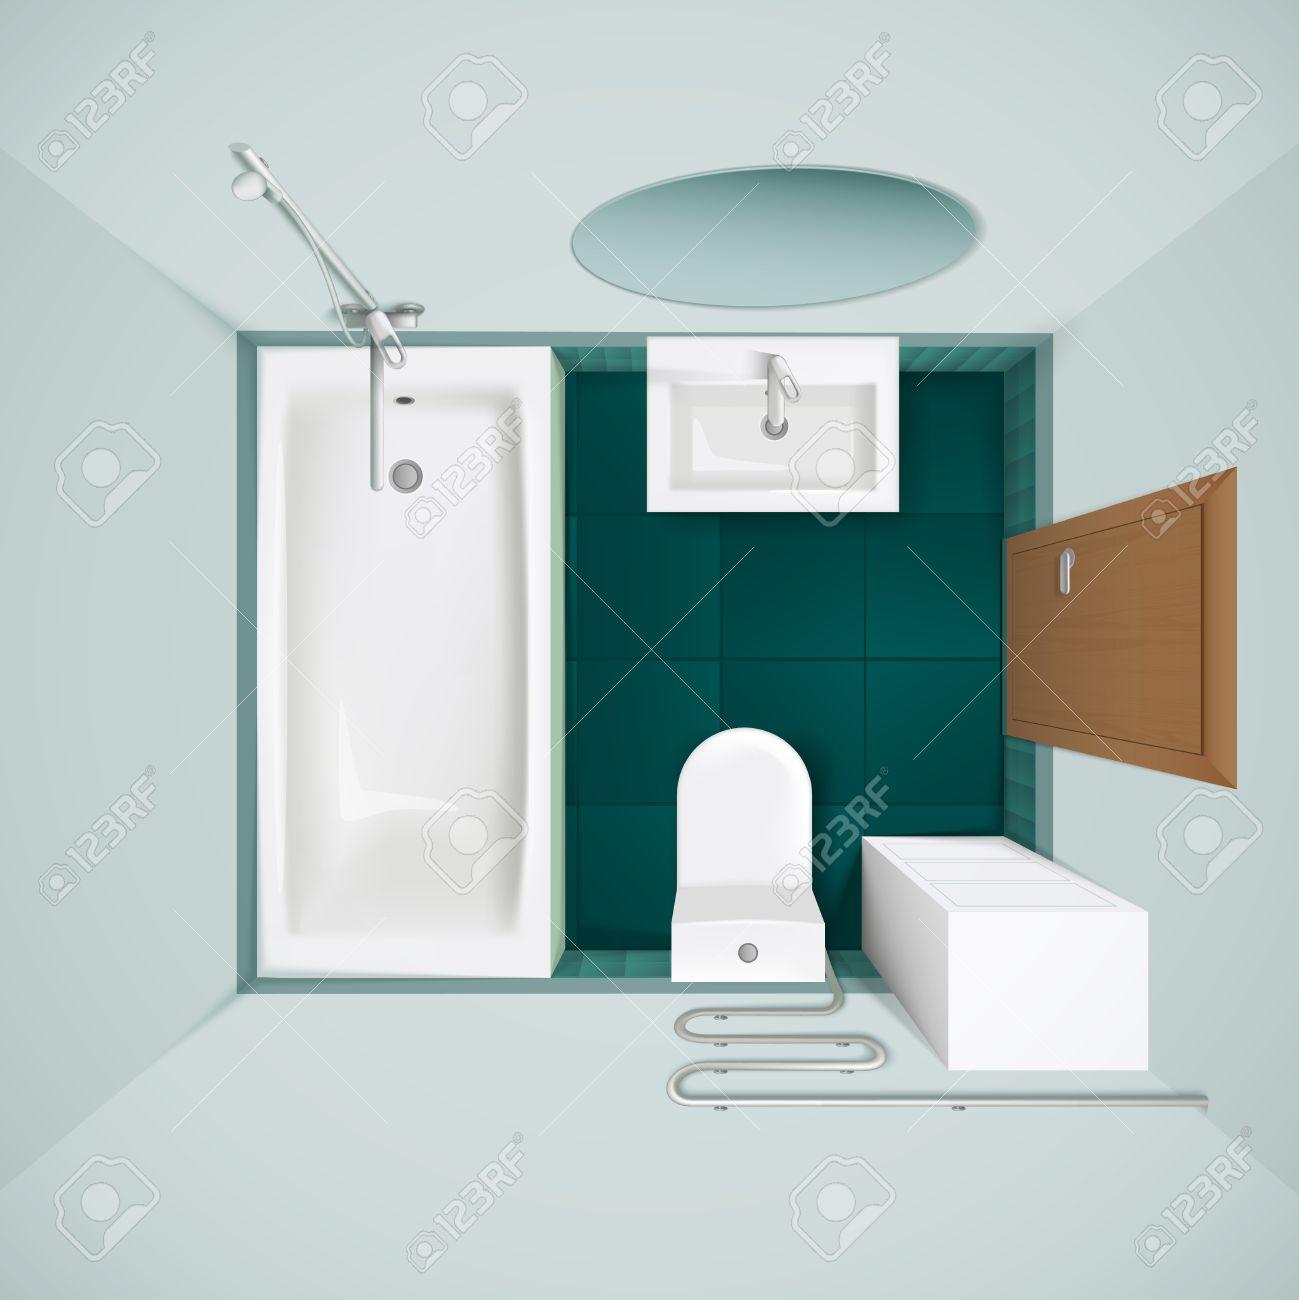 Petite salle de bain avec bol tuiles vertes de sol baignoire WC et lavabo  réaliste vue de dessus l\'image illustration vectorielle